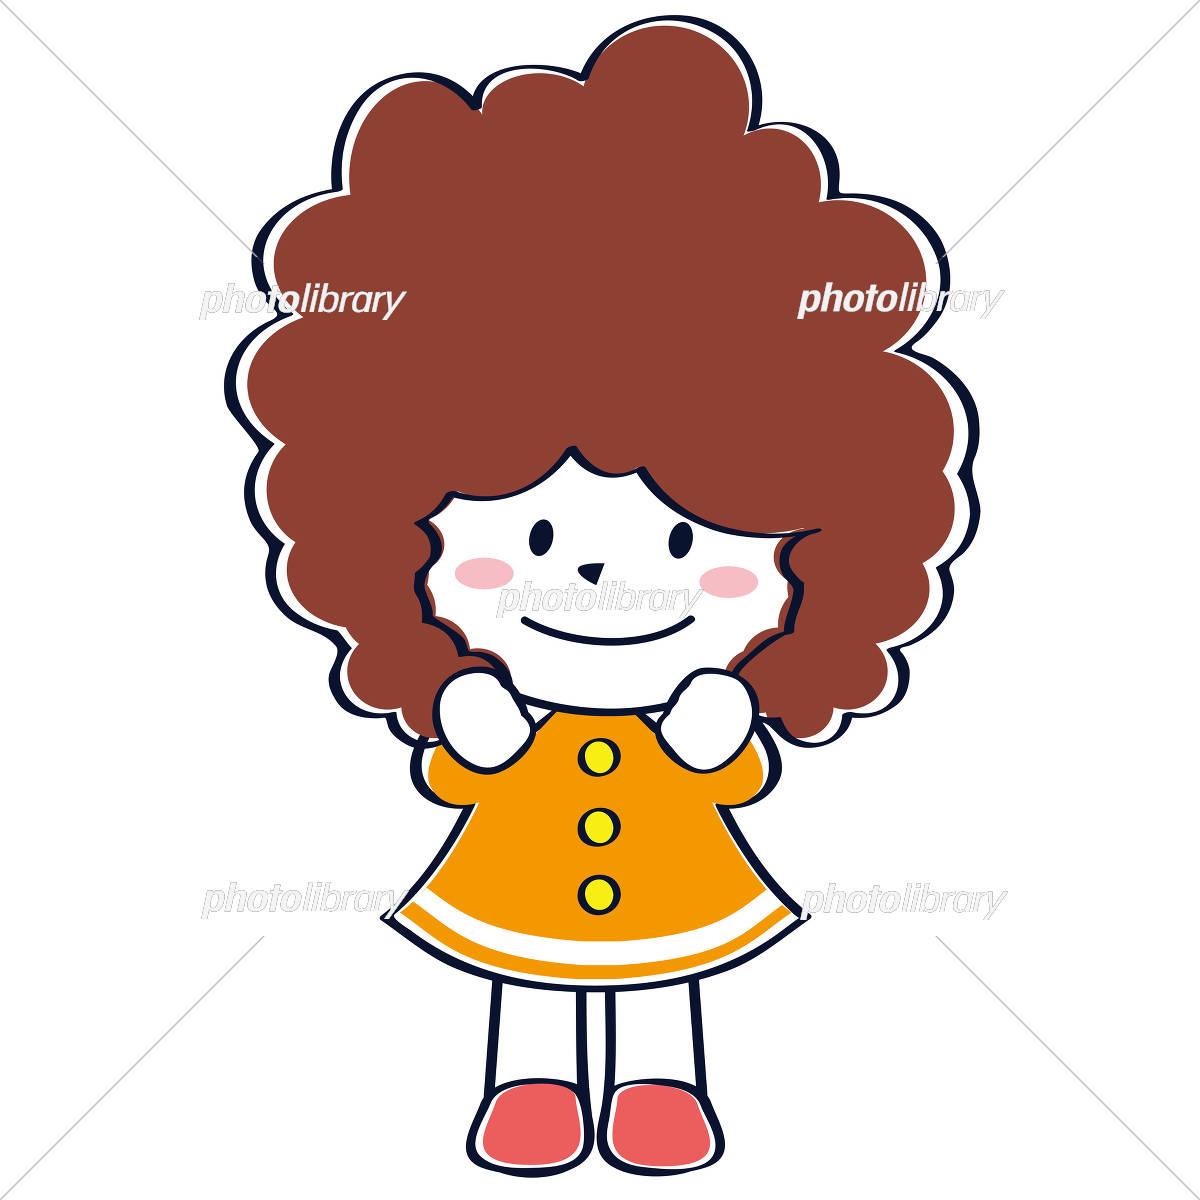 かわいい子供 児童 笑顔 ふわふわあたまわくわく女の子 イラスト素材